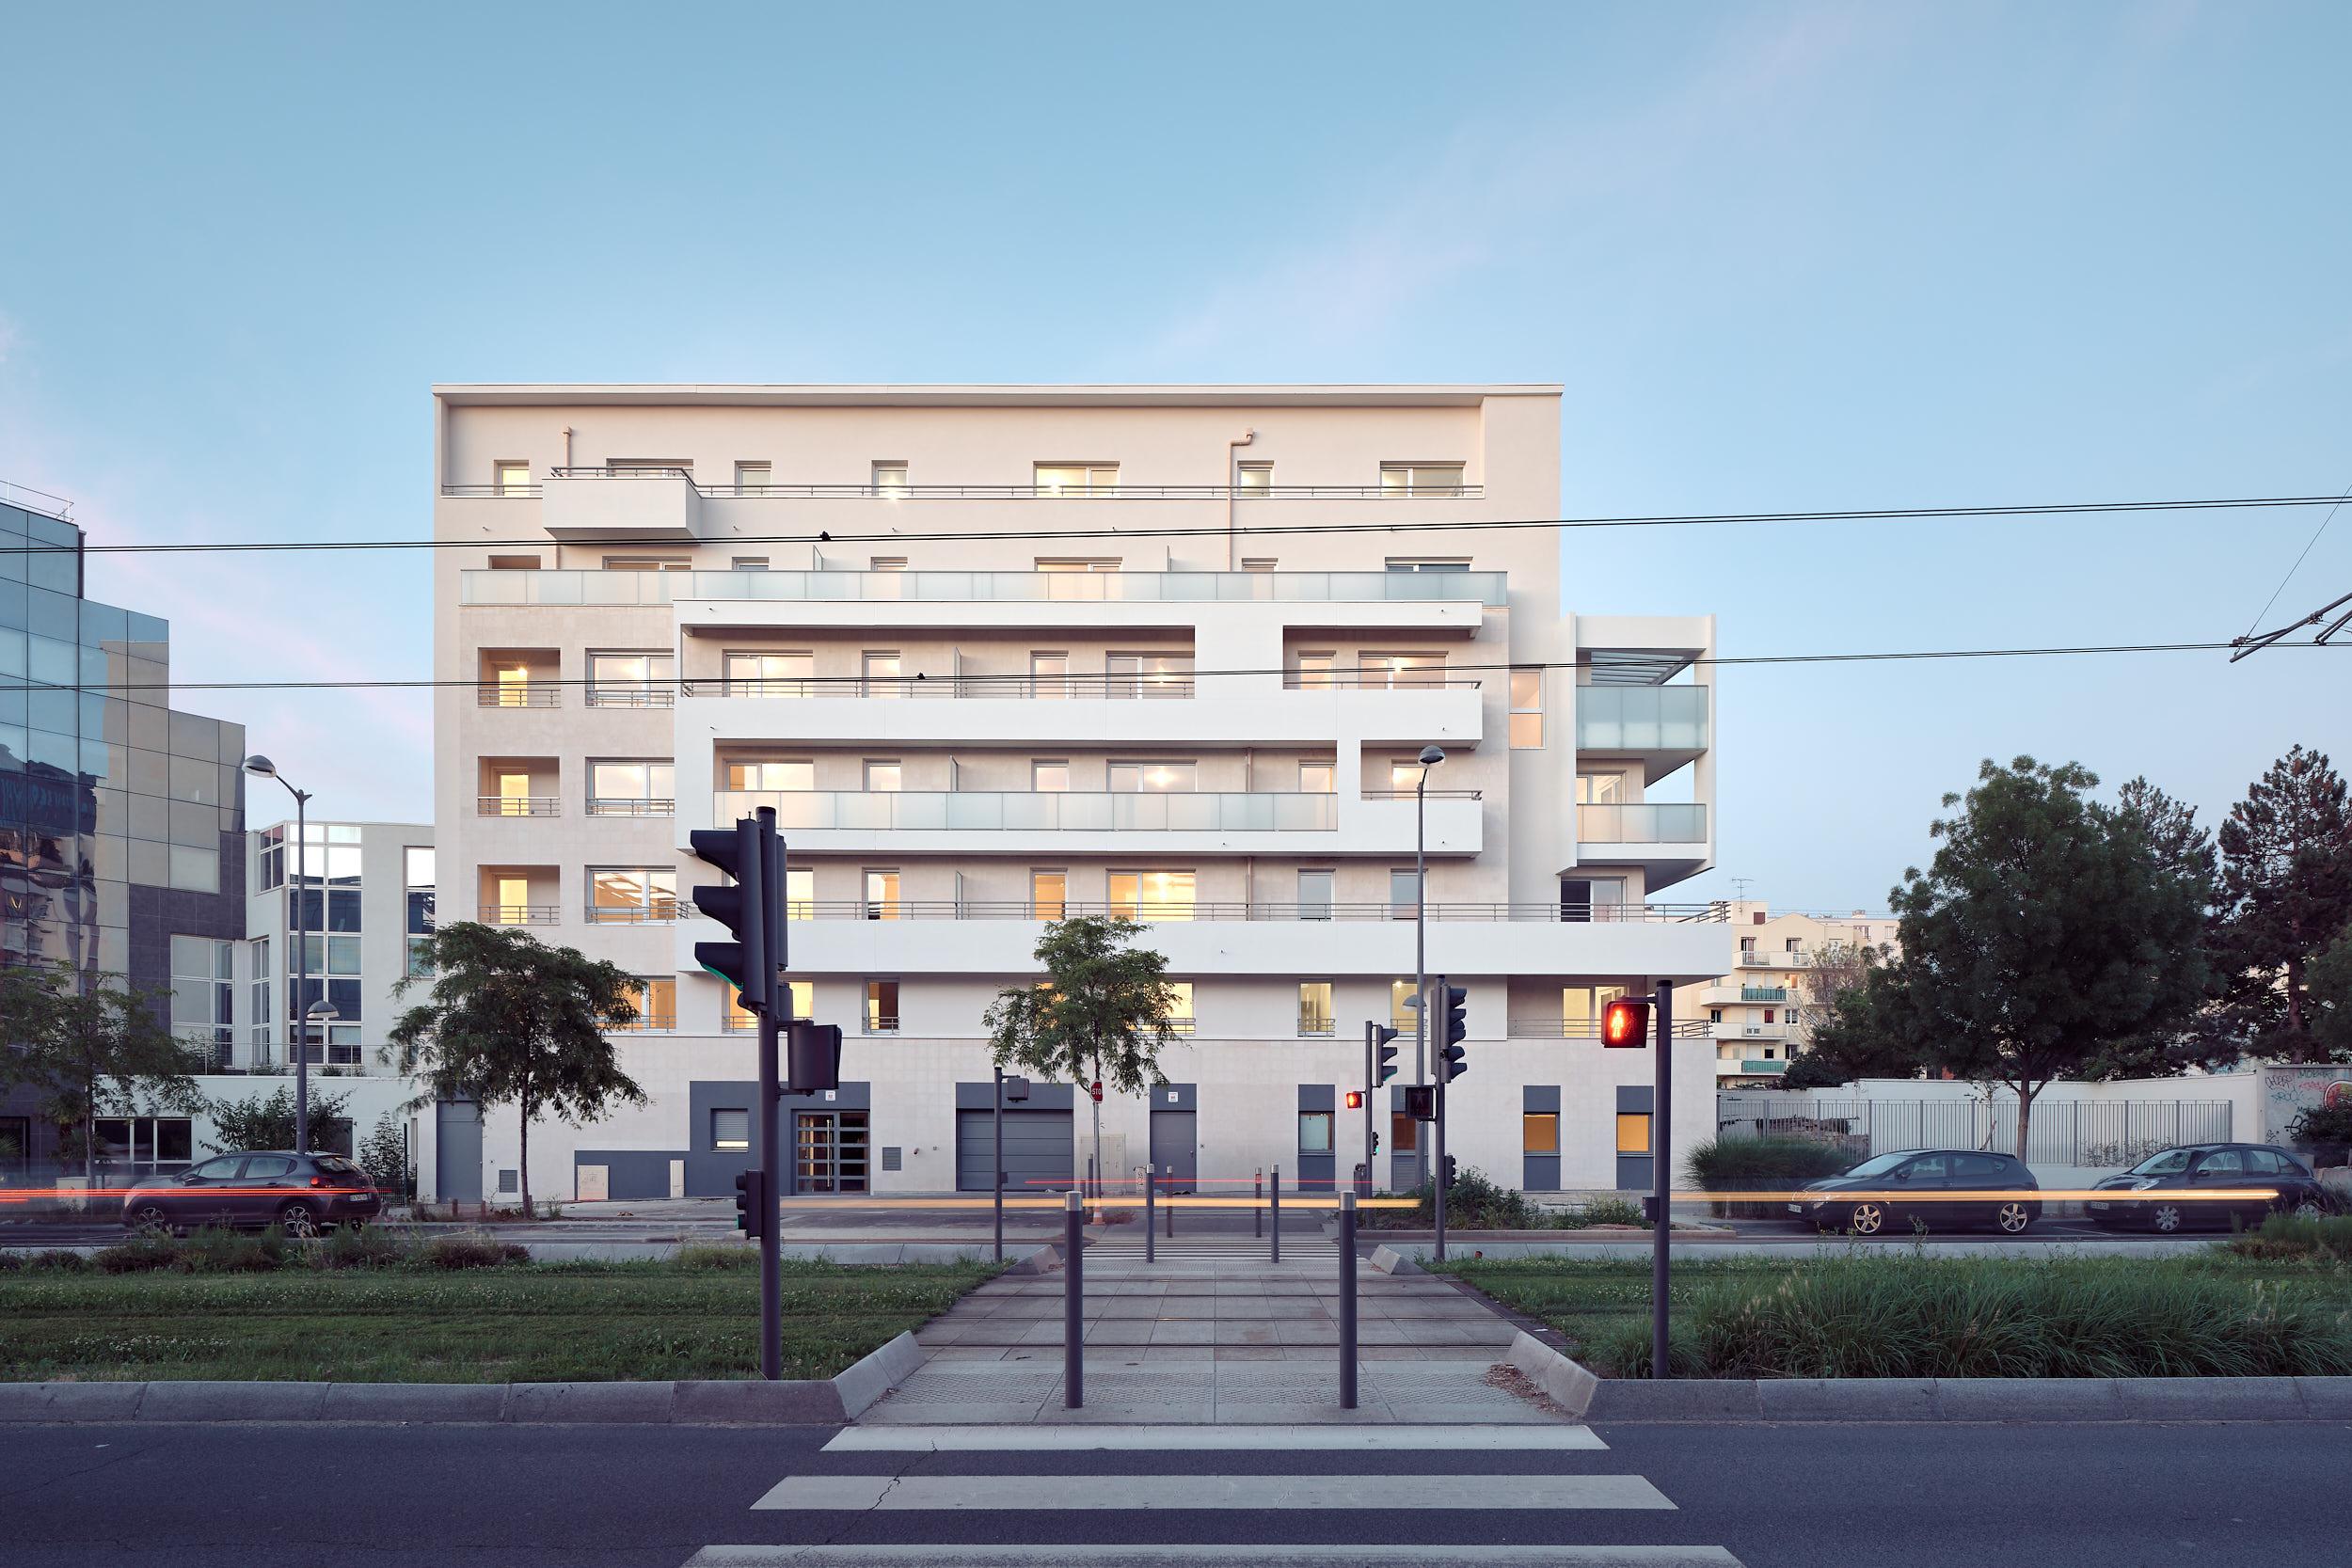 Bouvier & associés architectes